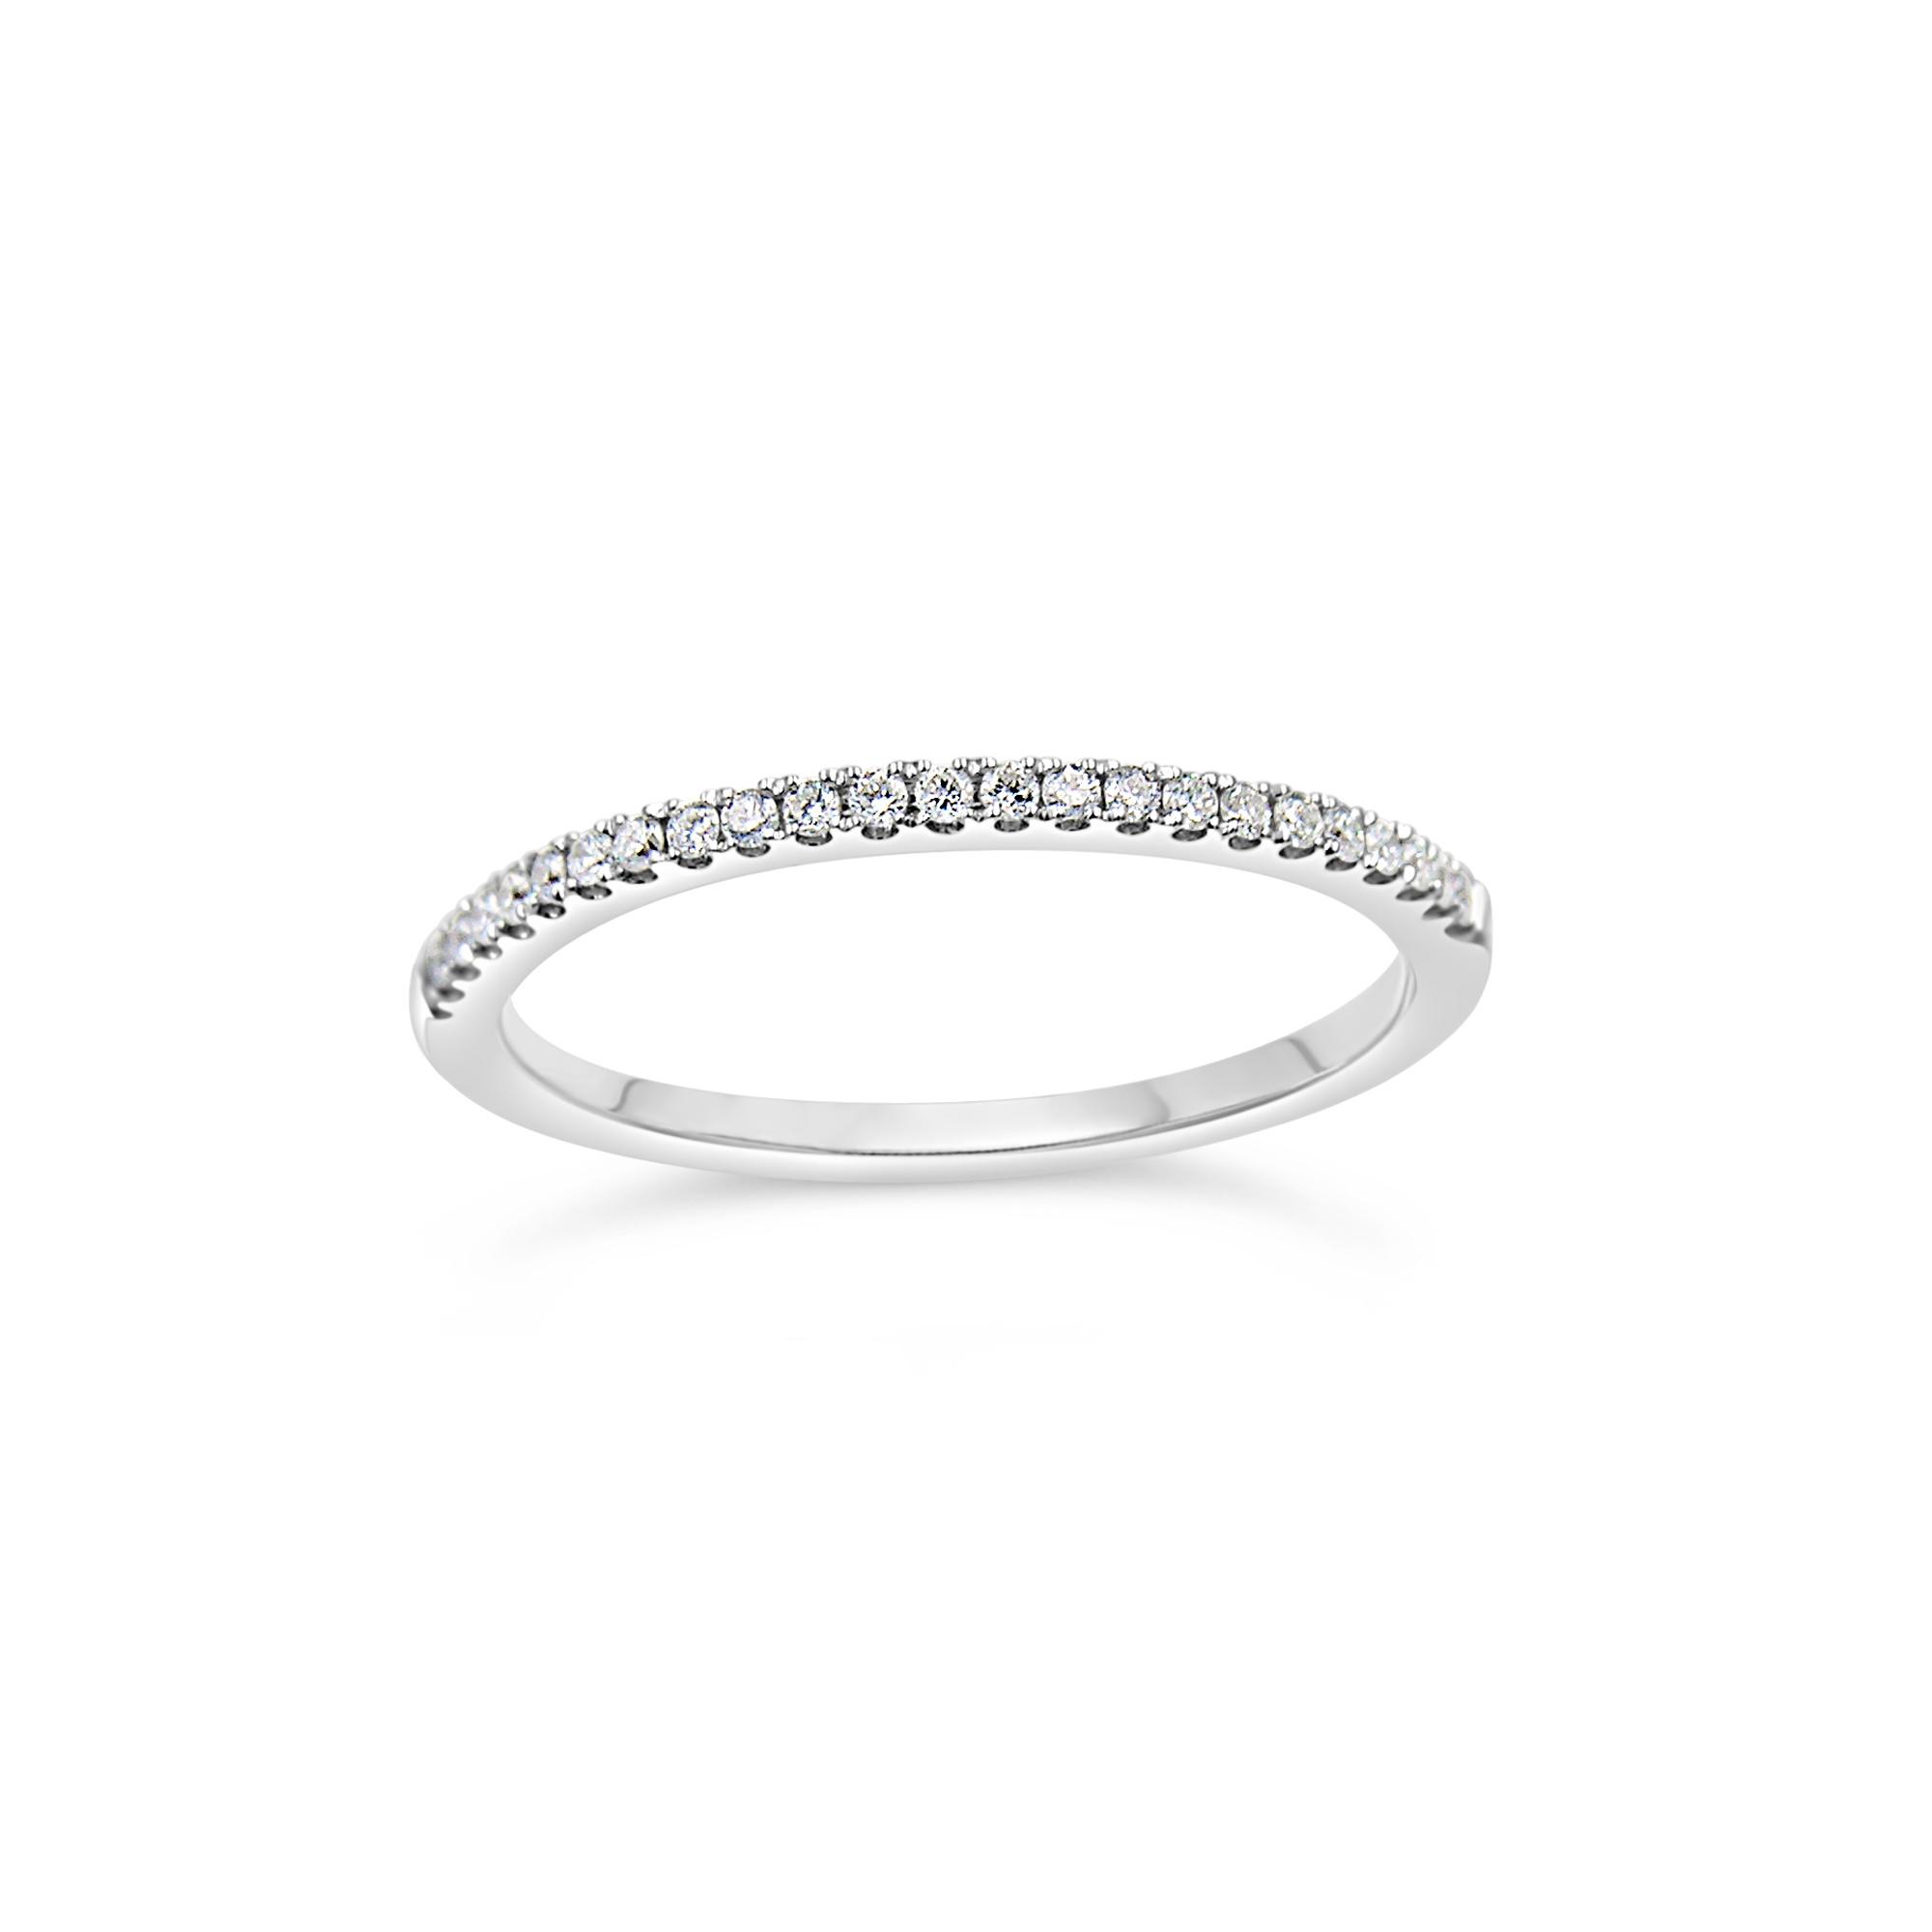 18k wit goud ring met 0.13 ct diamanten